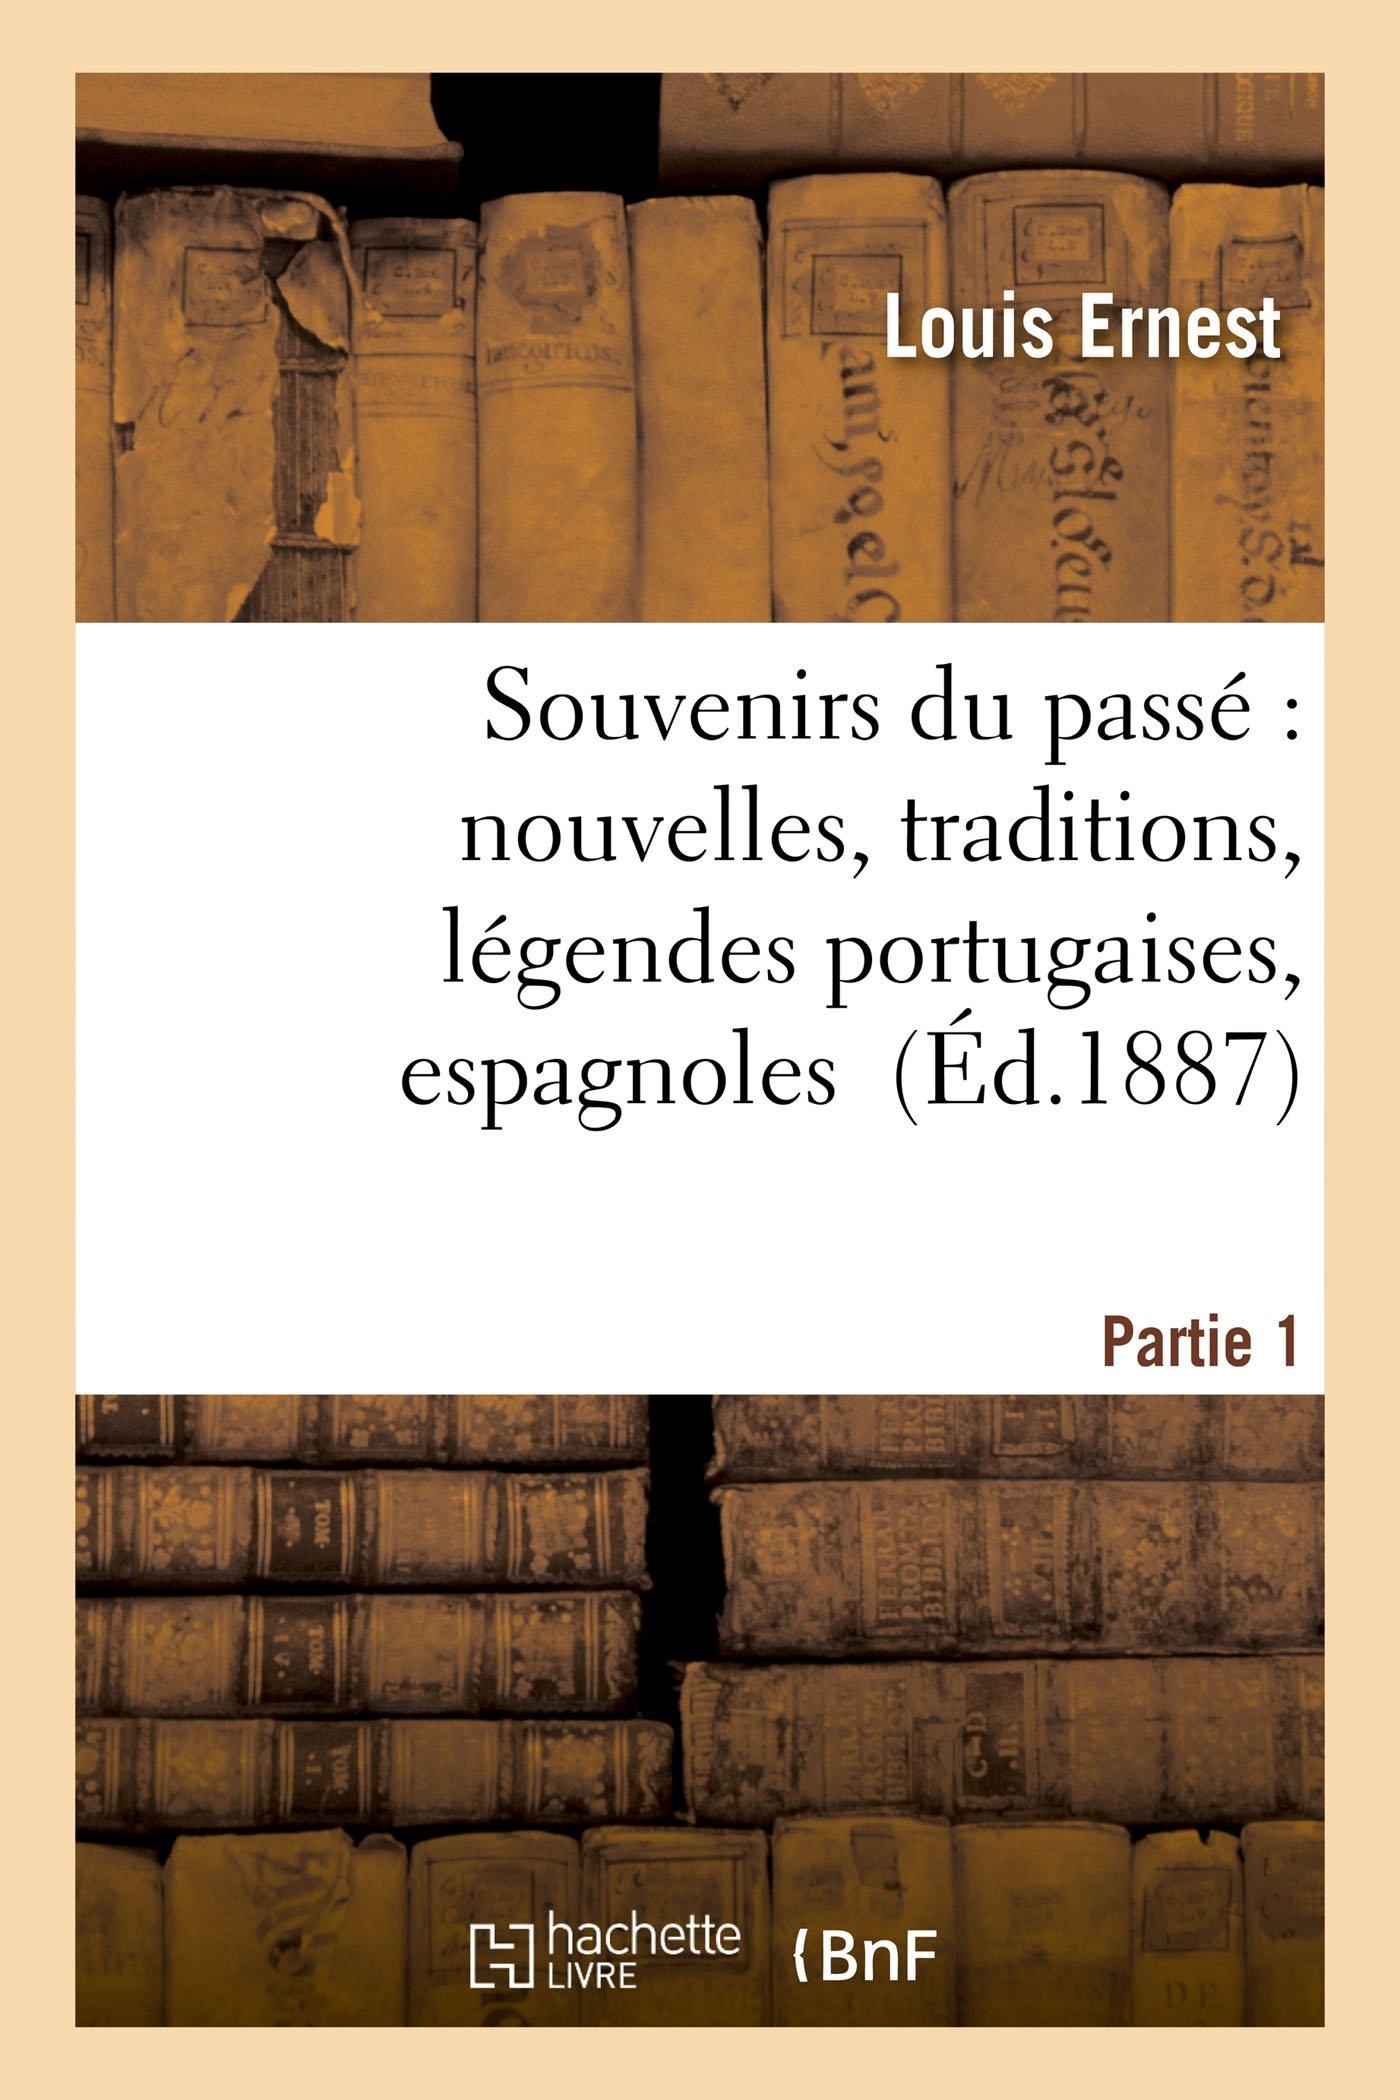 Souvenirs Du Passé: Nouvelles, Traditions, Légendes Portugaises, Espagnoles, Créoles. Partie 1 (Litterature) (French Edition) ebook